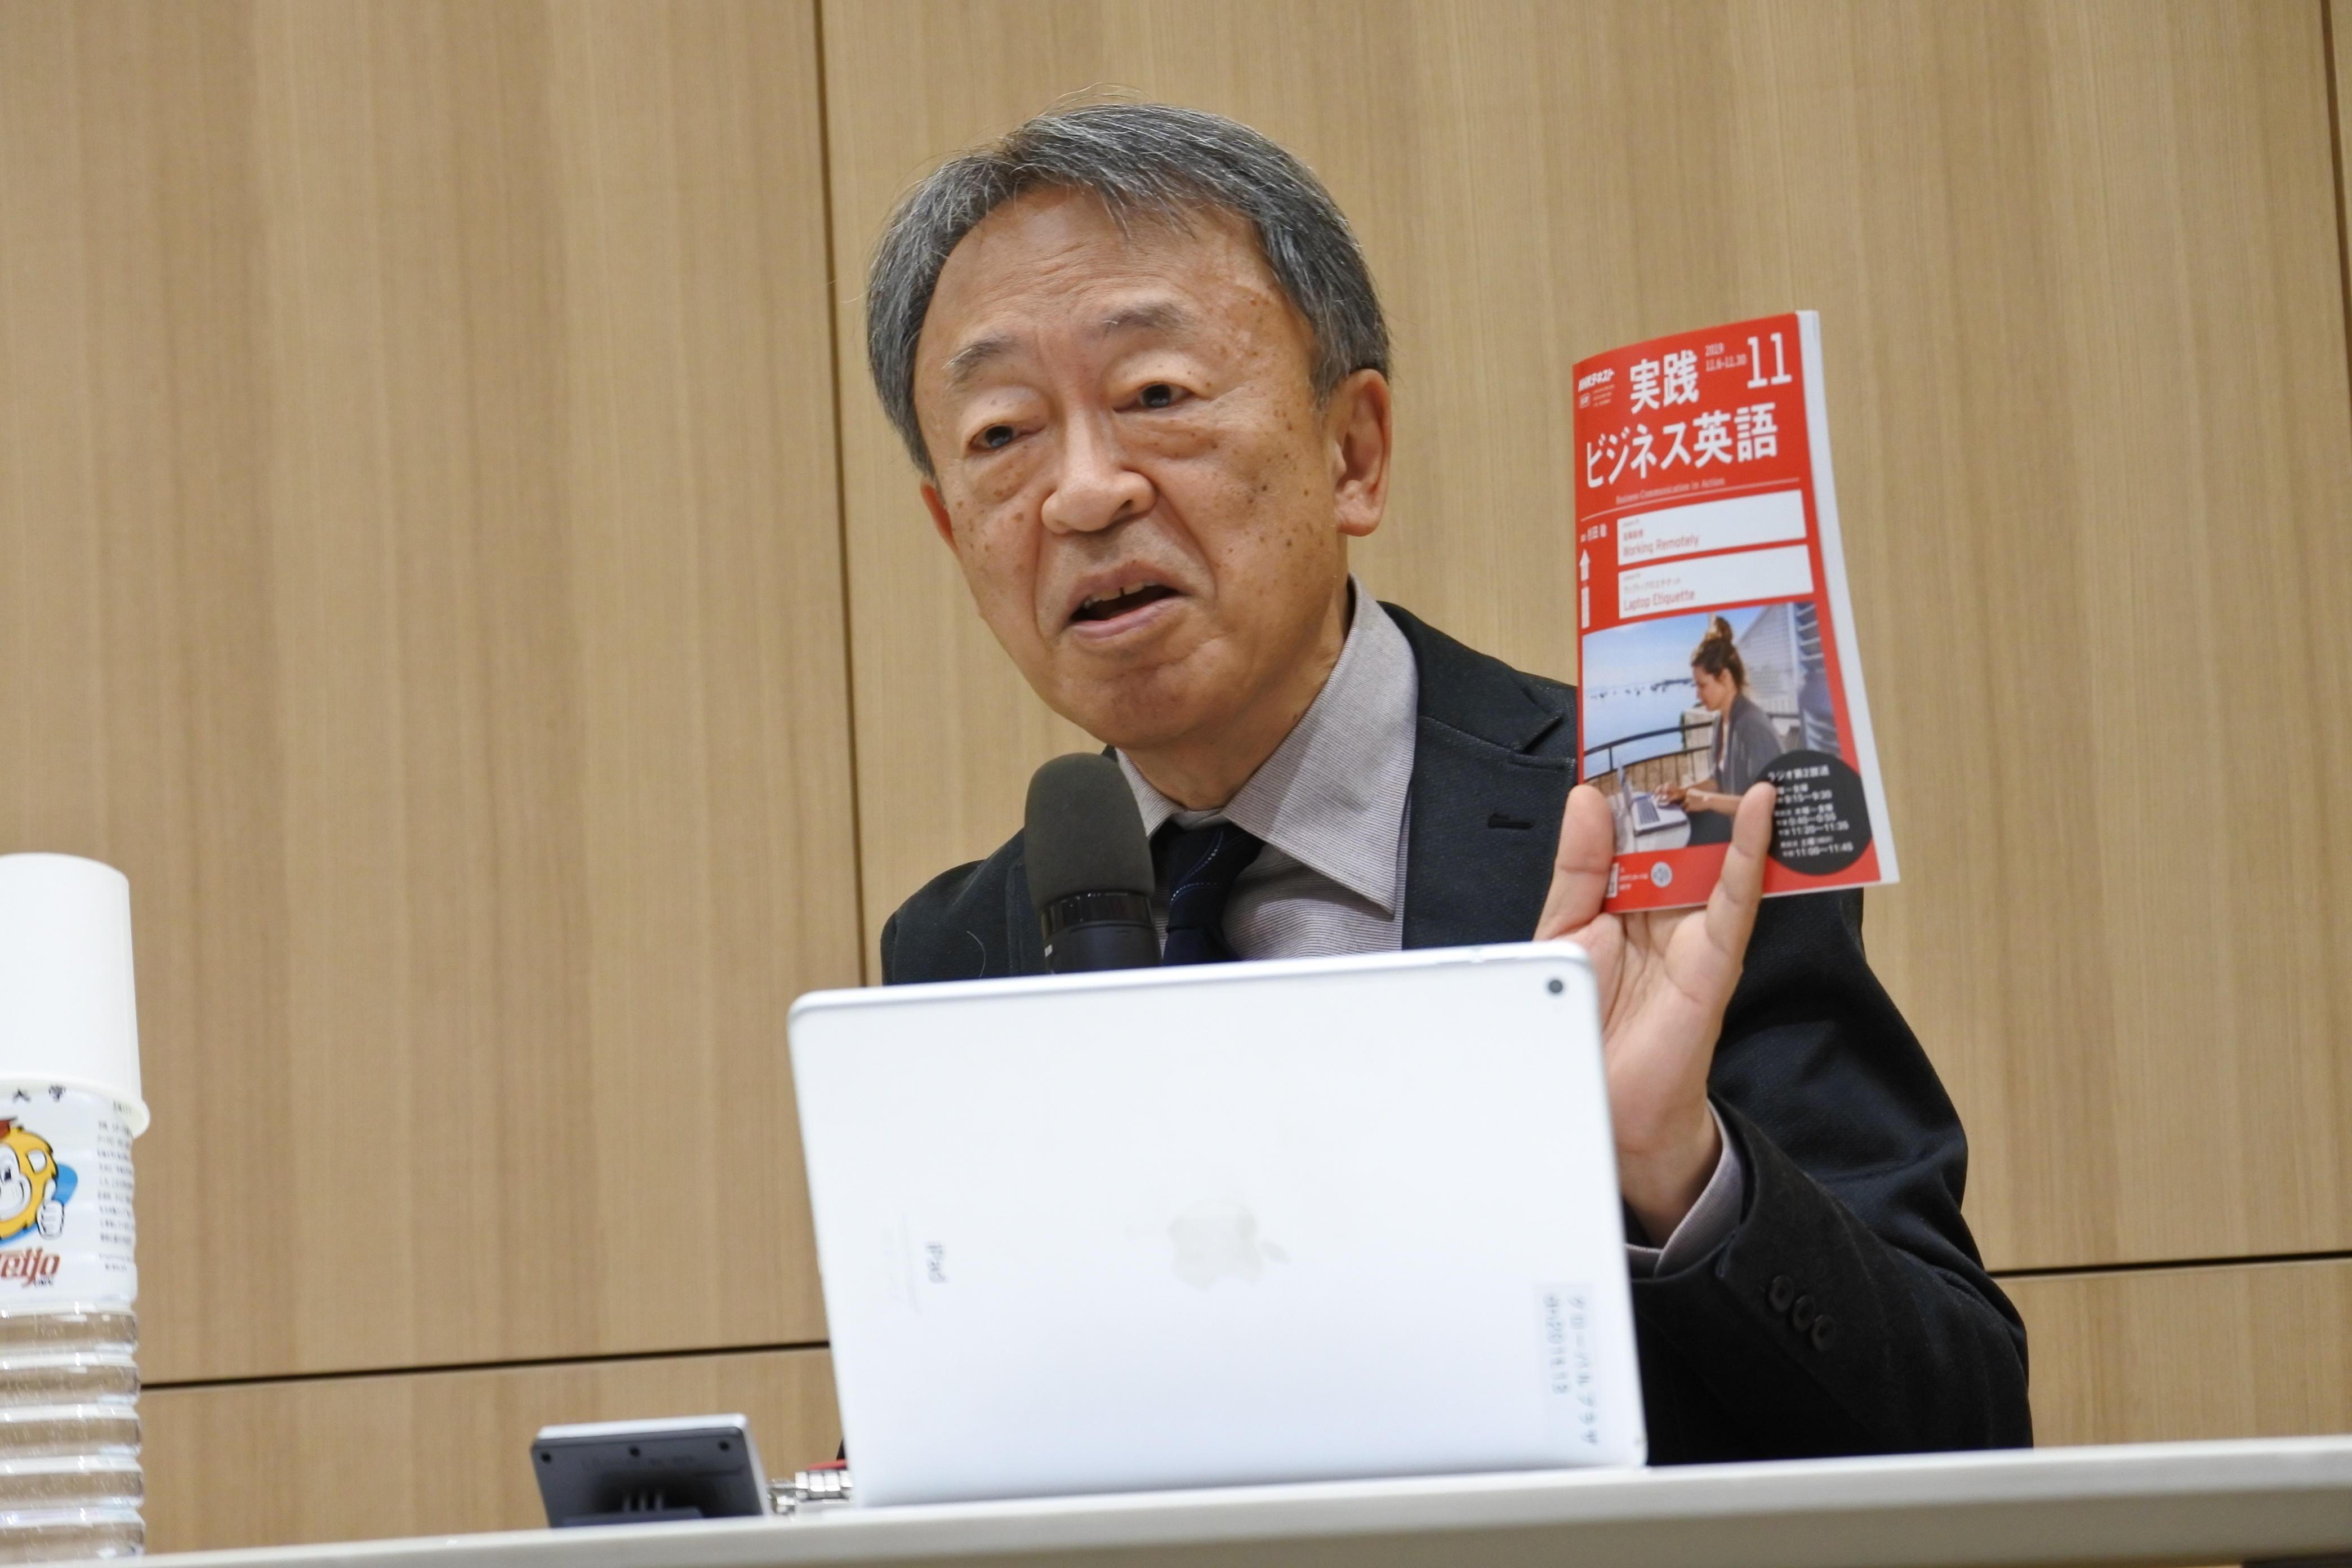 杉田氏の番組のテキストを紹介する池上教授